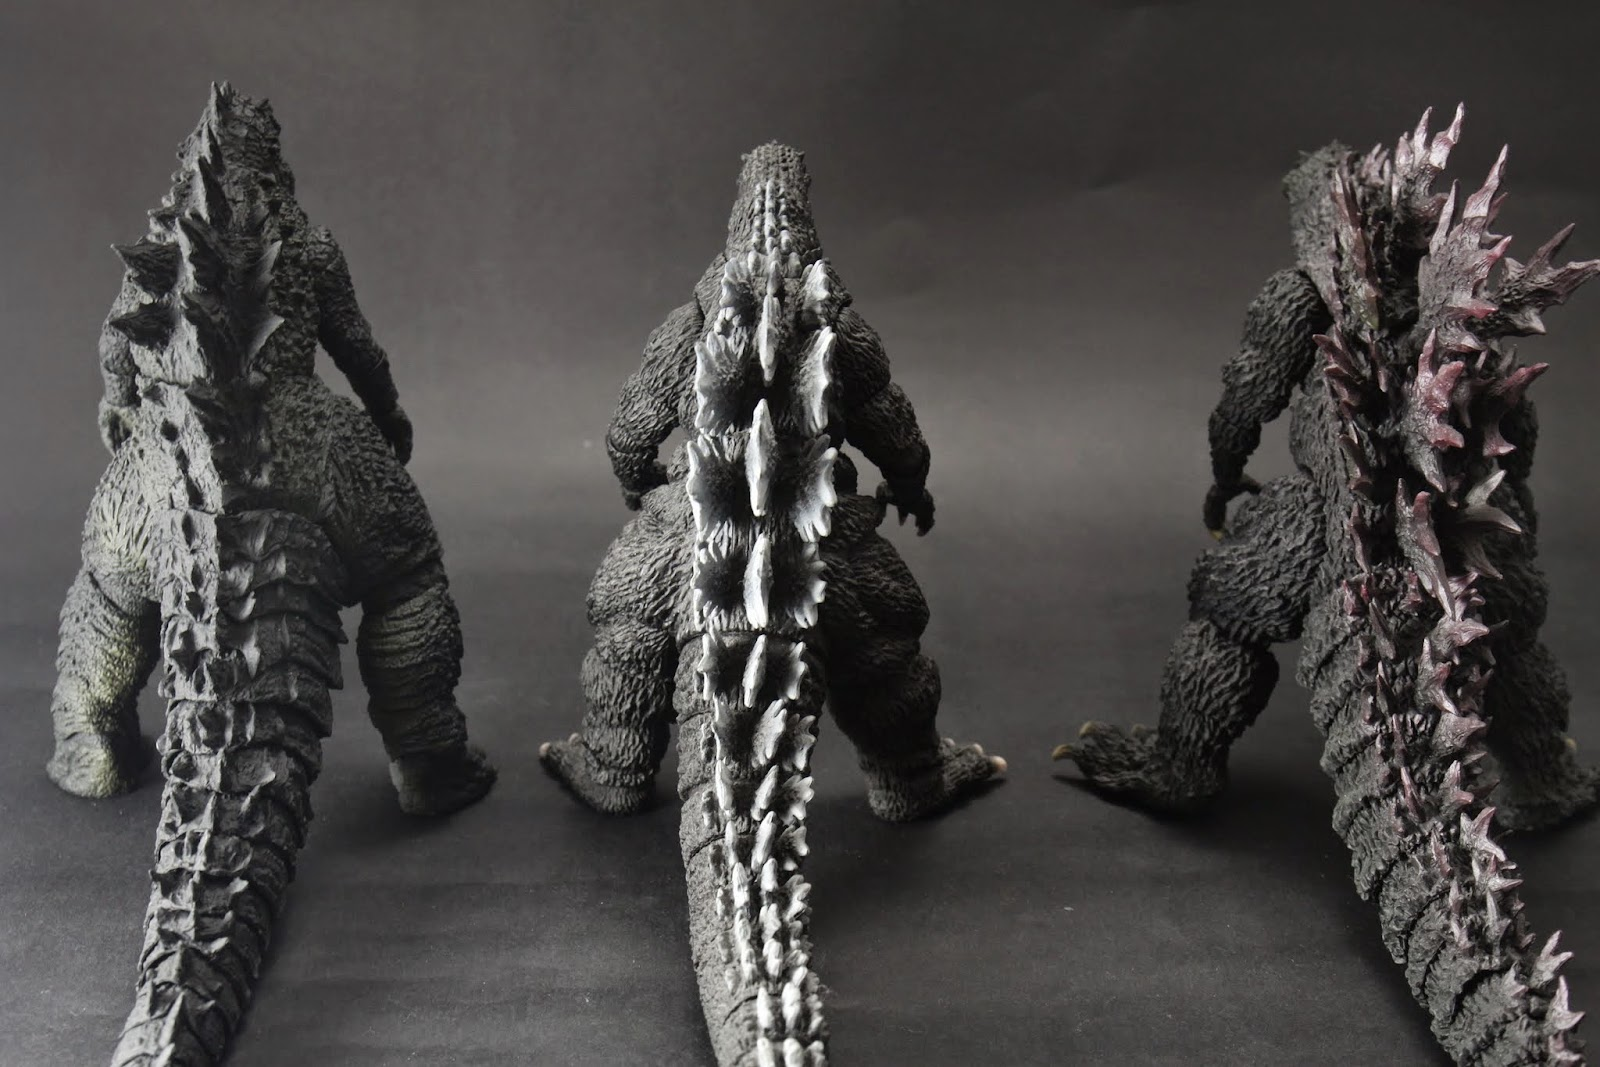 背鰭右邊的2000版根本誇張 2014版則是脊椎側彎